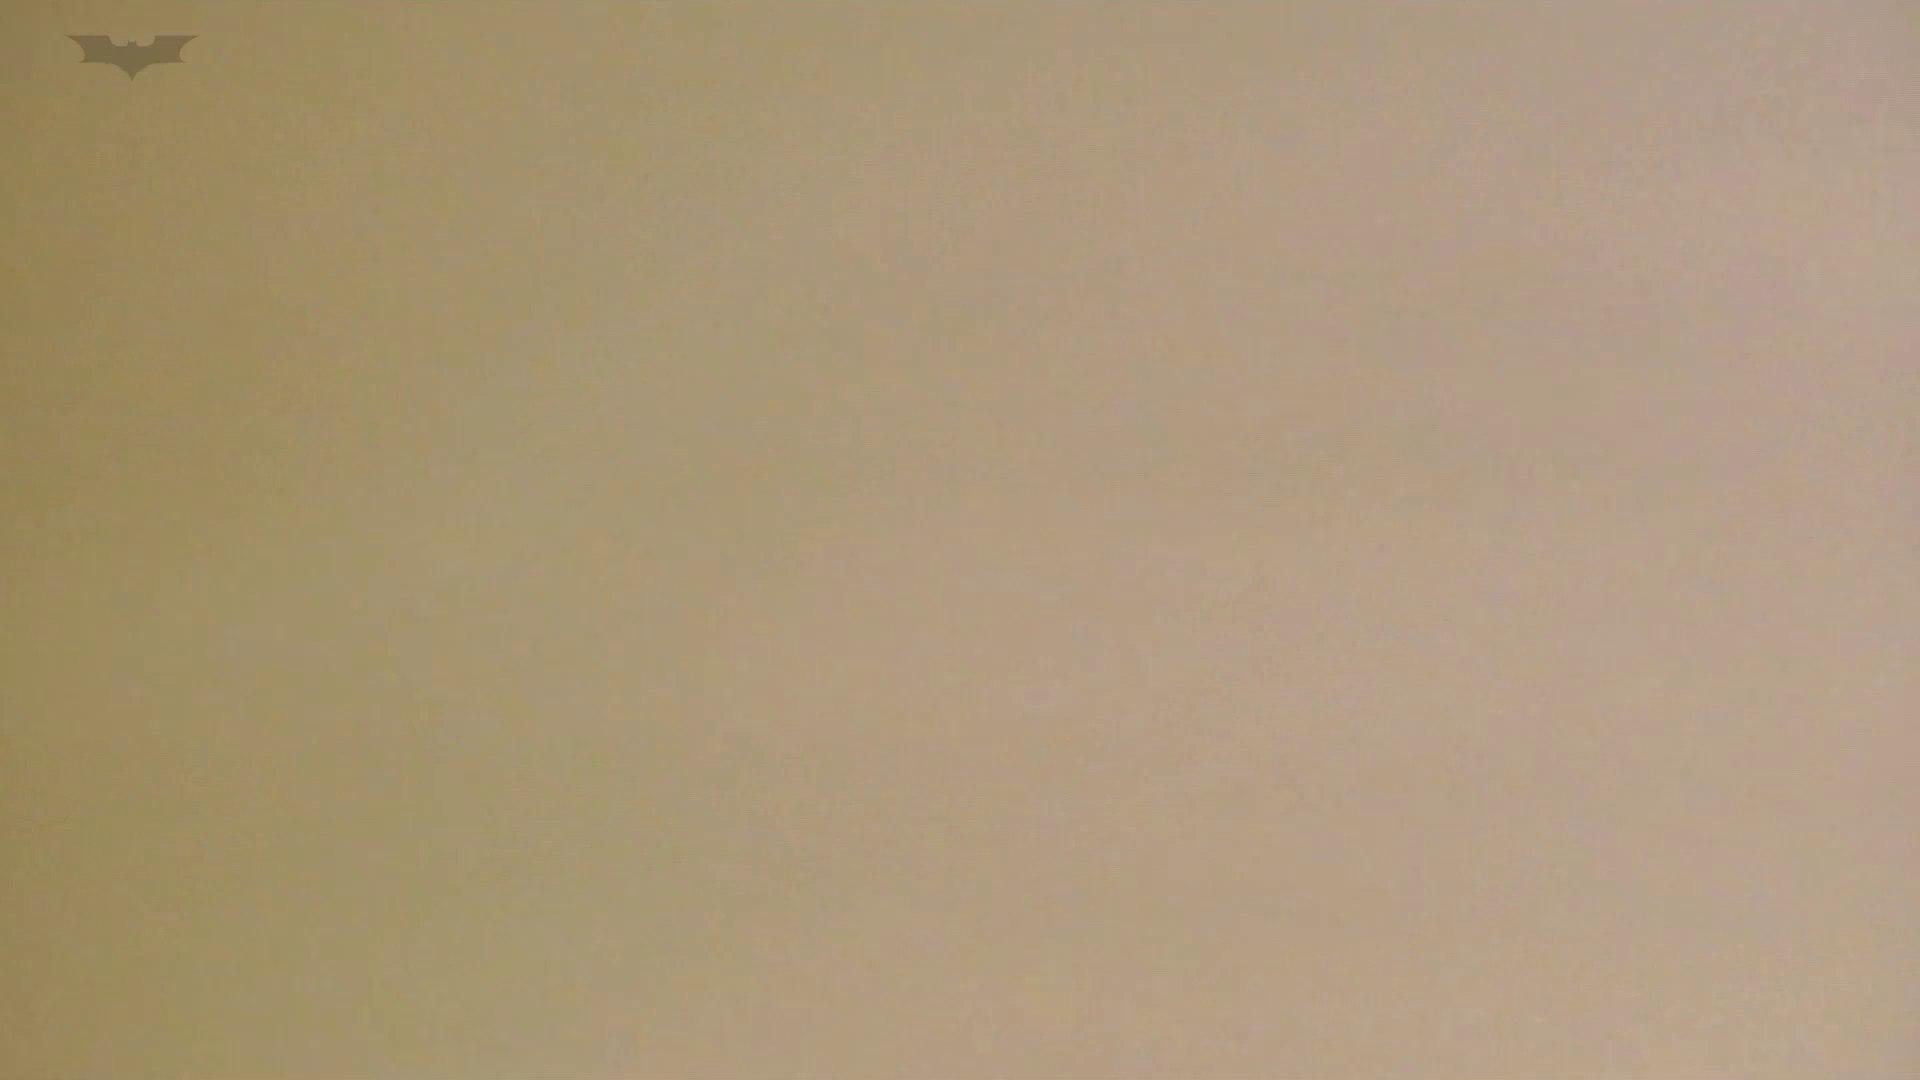 新世界の射窓 No78 トリンドル 玲奈似登場シリーズ美女率最高作! 美女  109pic 68